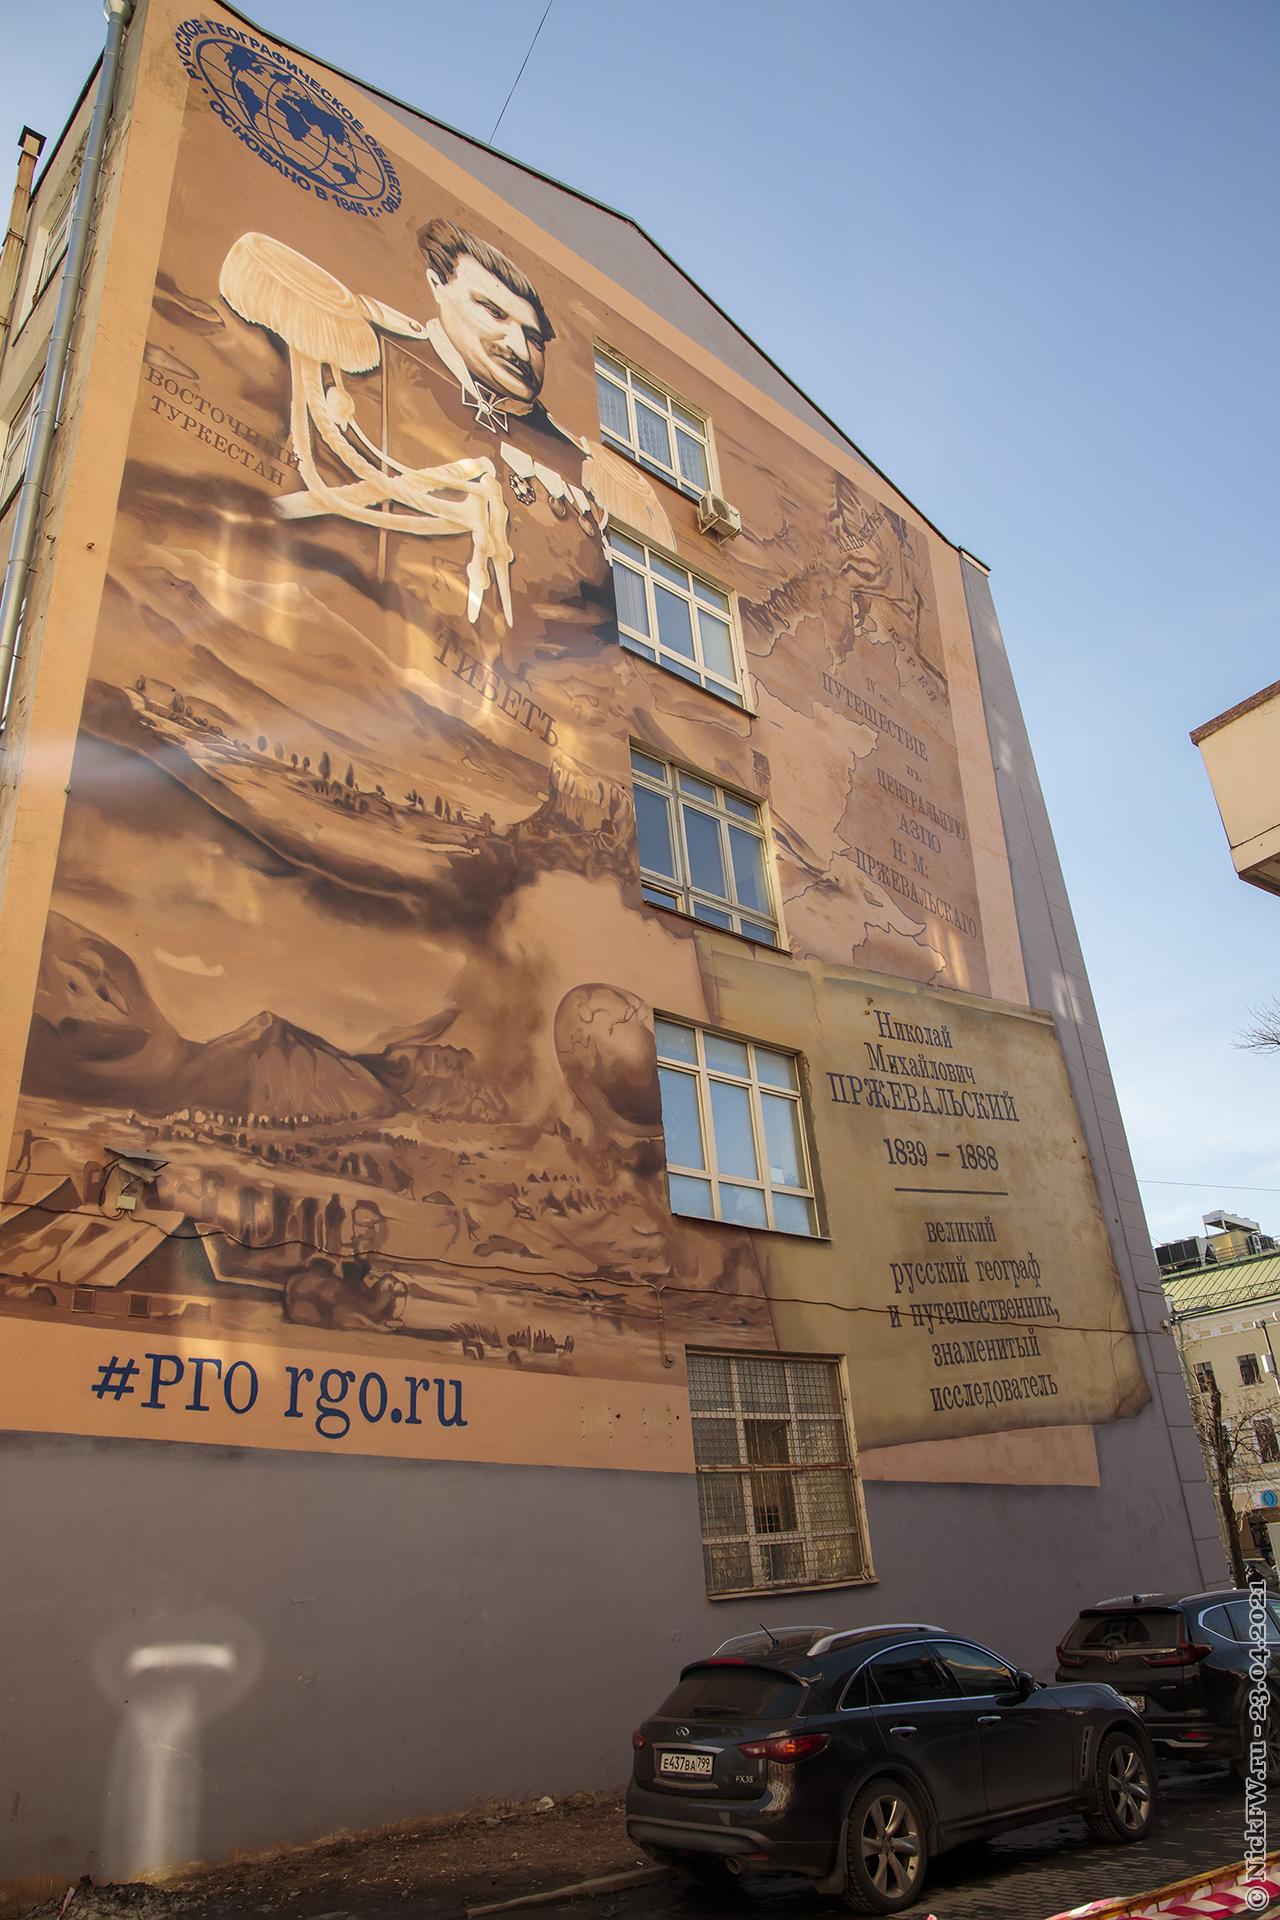 4. Мурал с Пржевальским © NickFW.ru — 24.03.2021г.